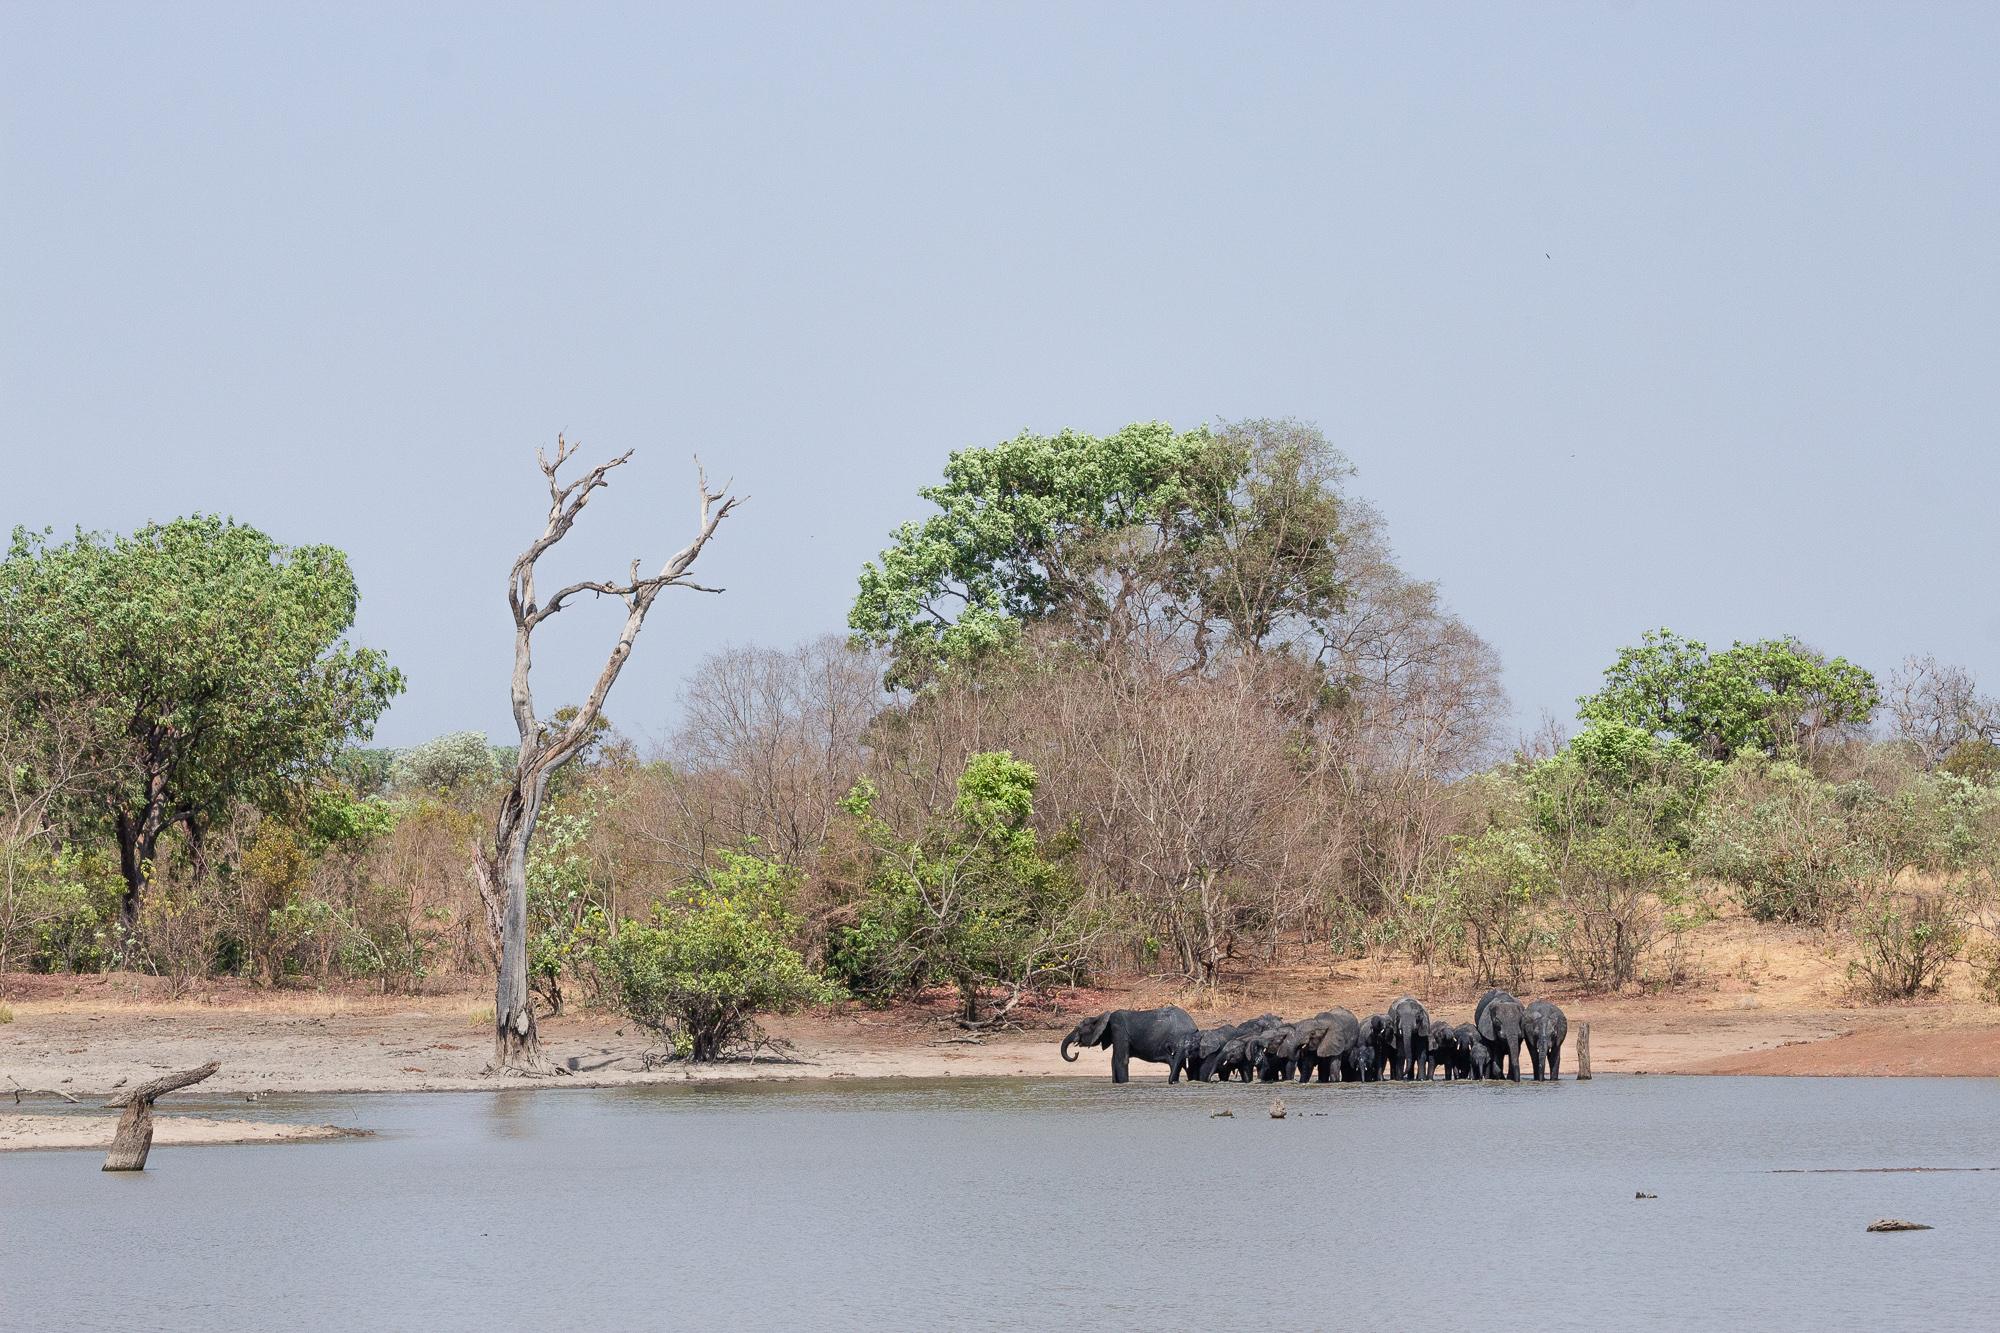 Le bain des éléphants dans la réserve de Nazinga, Burkina Faso